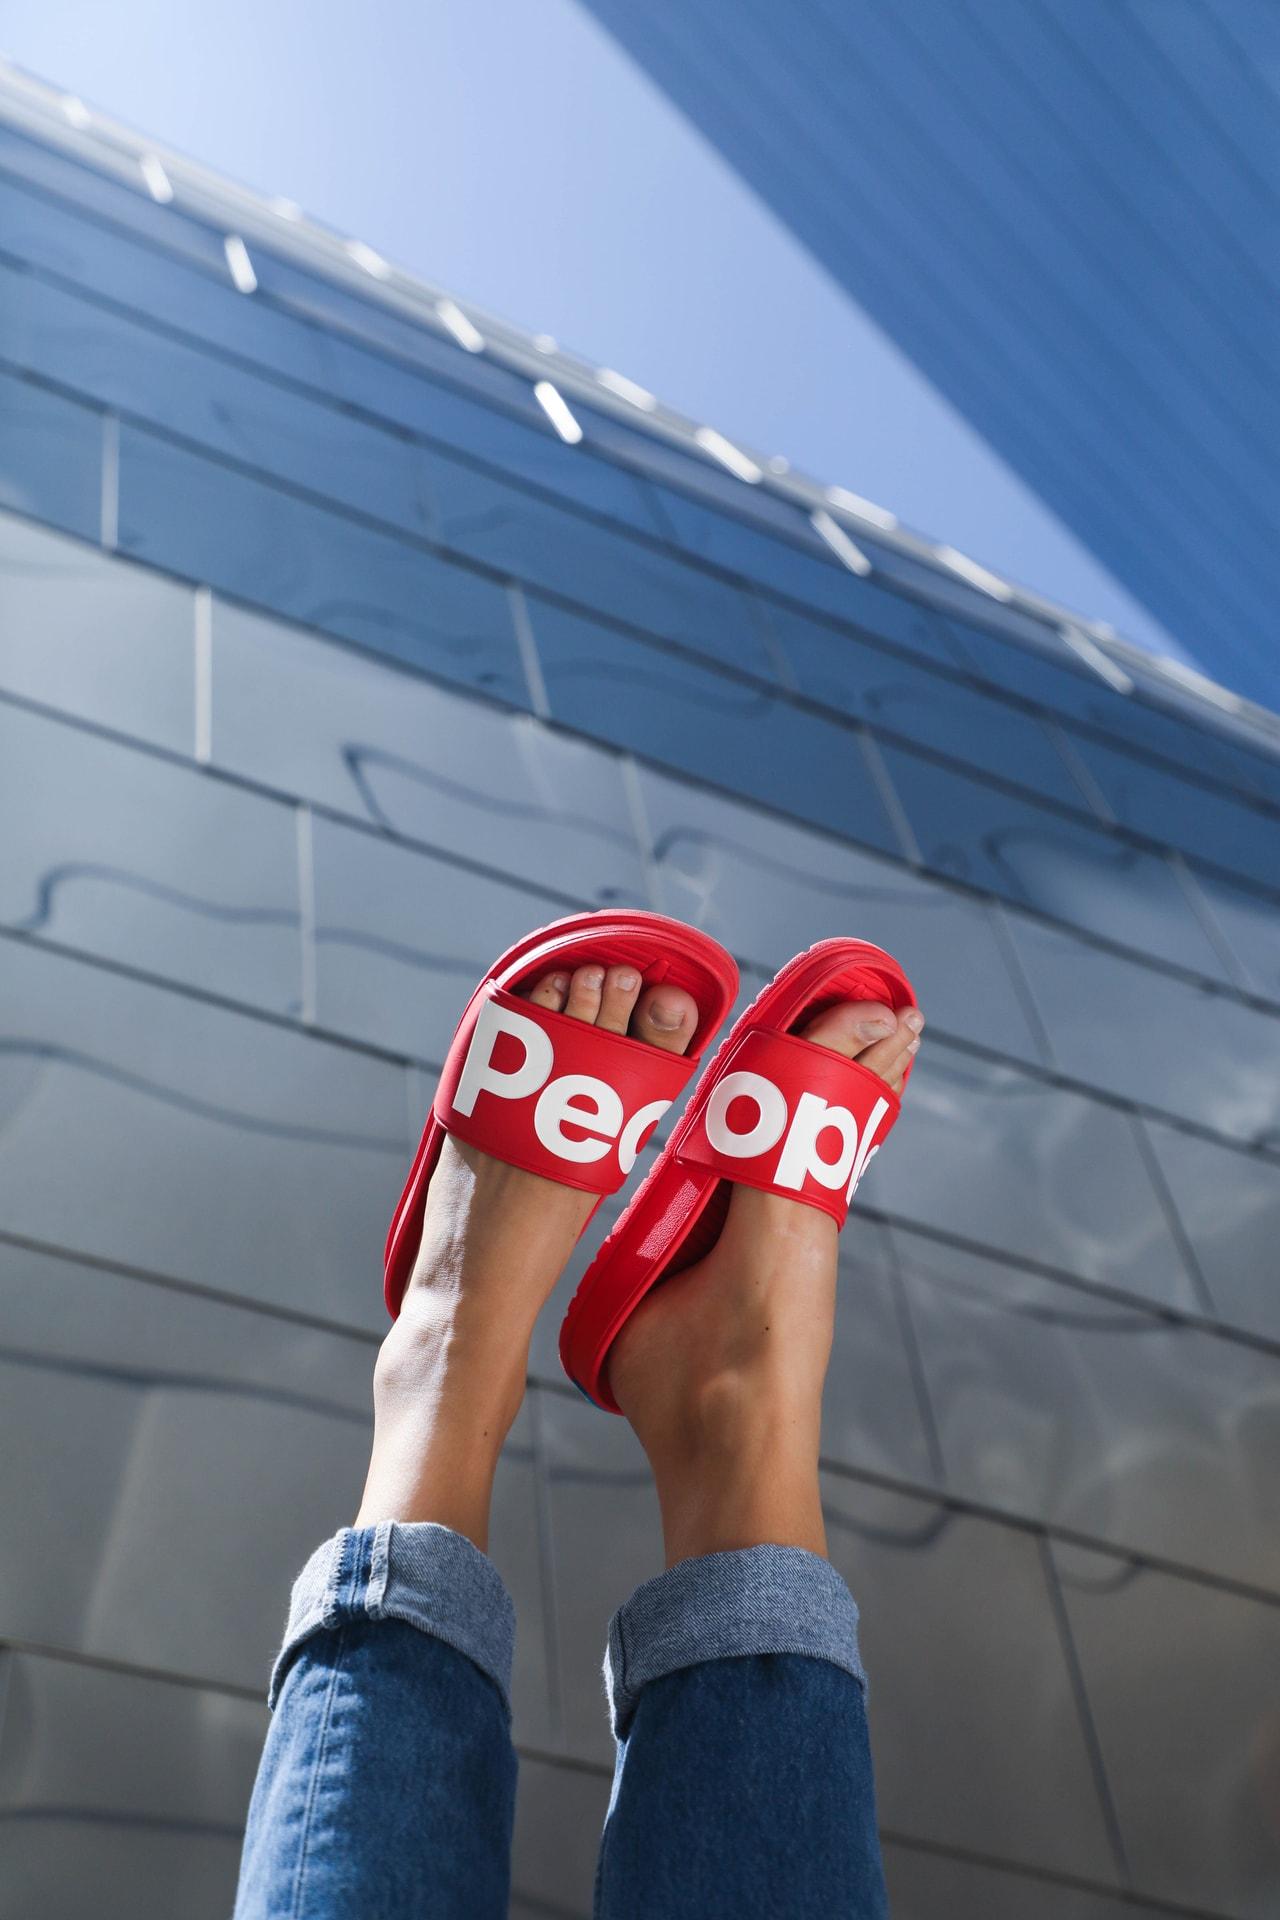 People's Footwear